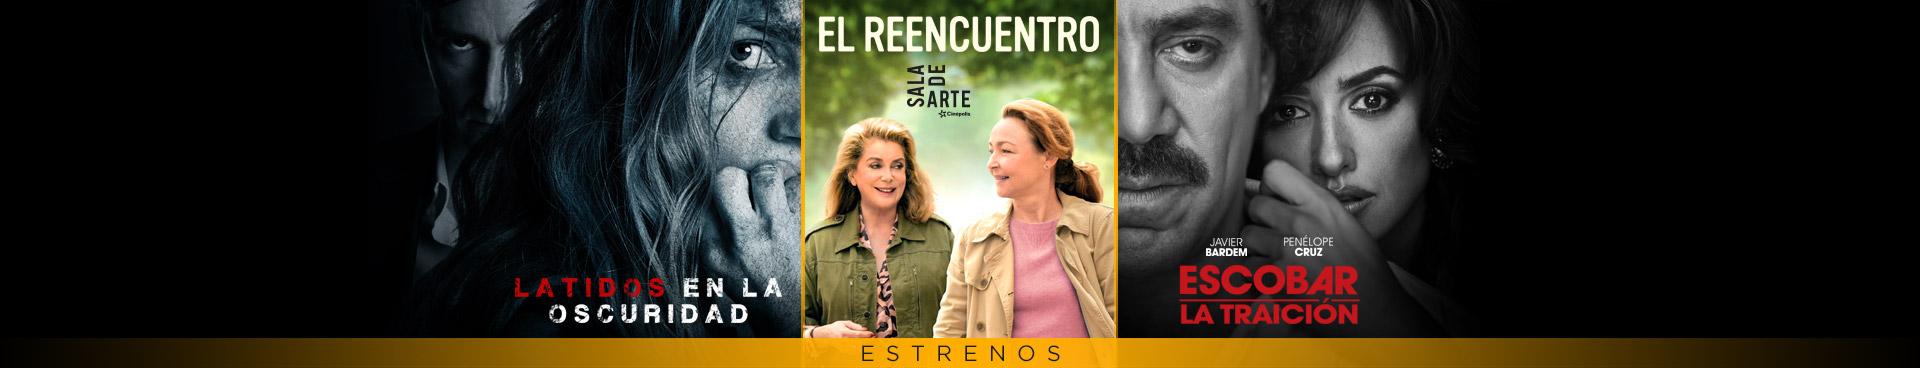 Estrenos (Escobar / Latidos en la oscuridad / El Reencuentro)